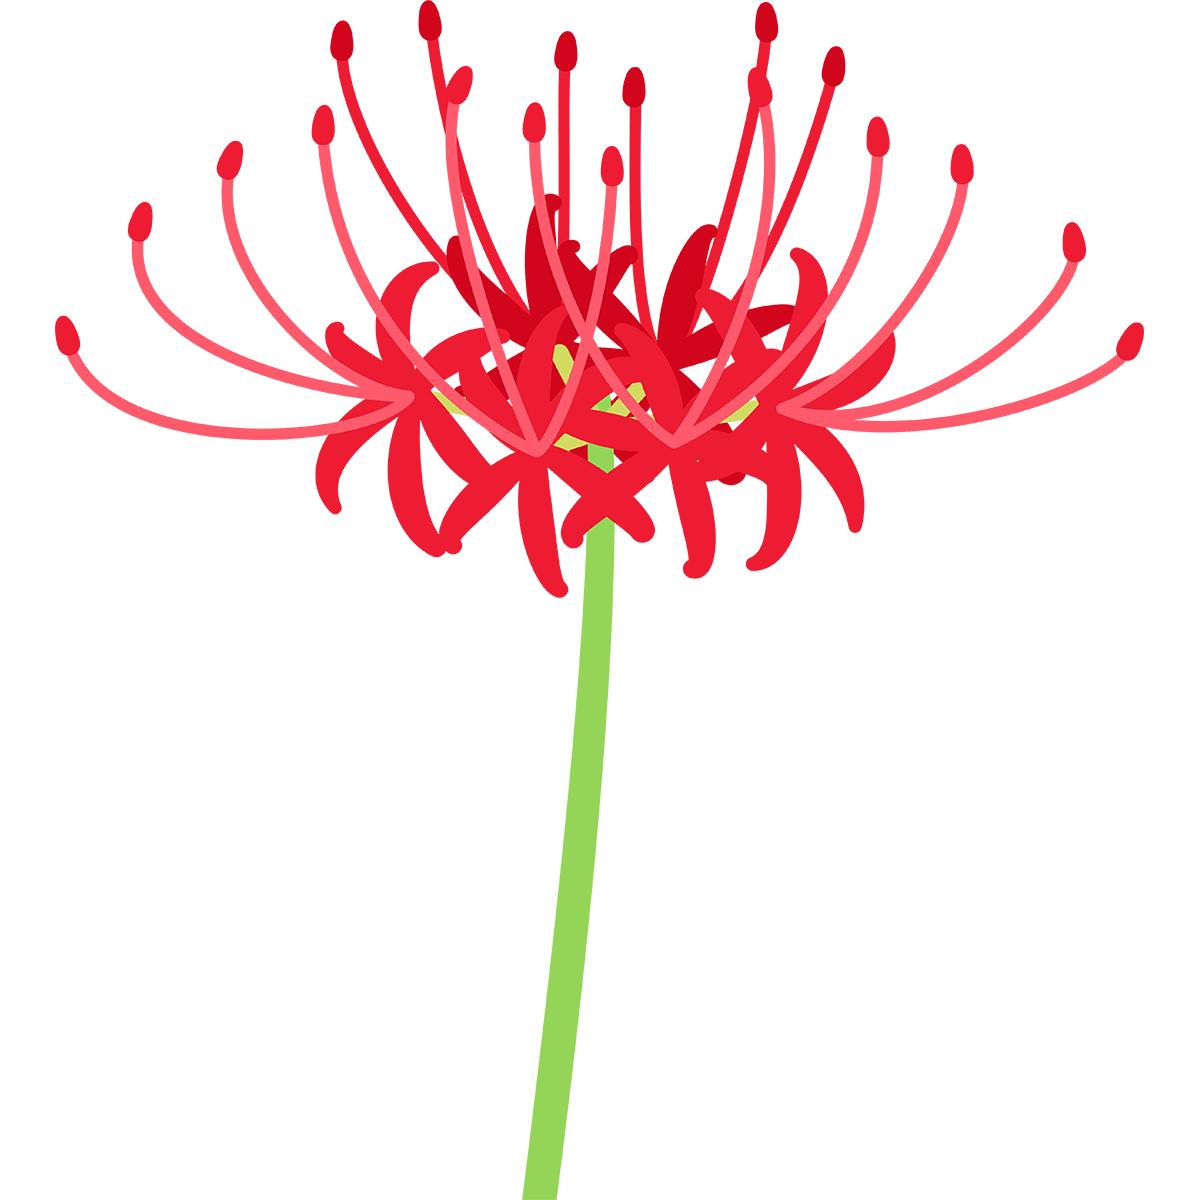 彼岸花(ヒガンバナ)の無料イラスト